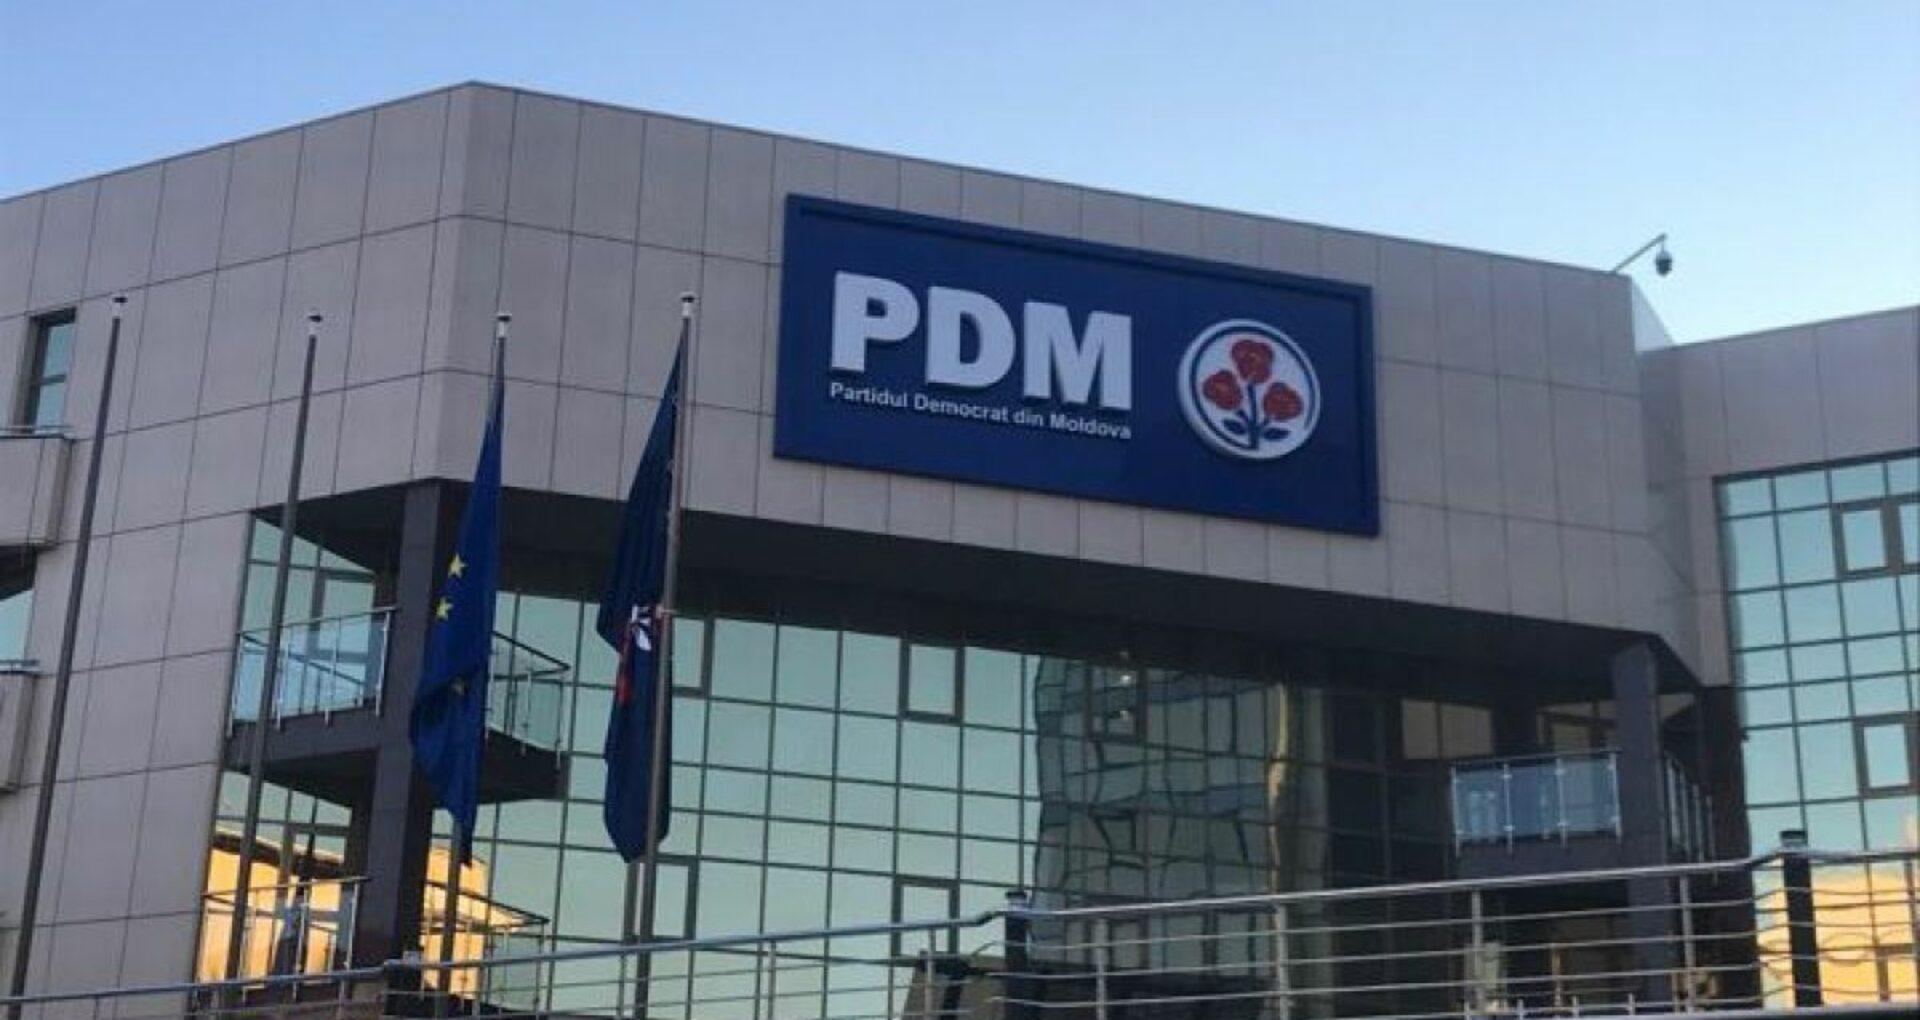 O persoană, reținută în urma perchezițiilor la fostul sediu PDM. PG: Activitățile s-au desfășurat în cadrul investigațiilor vizând frauda bancară, în care este documentată inclusiv activitatea organizației criminale, conduse de Vladimir Plahotniuc